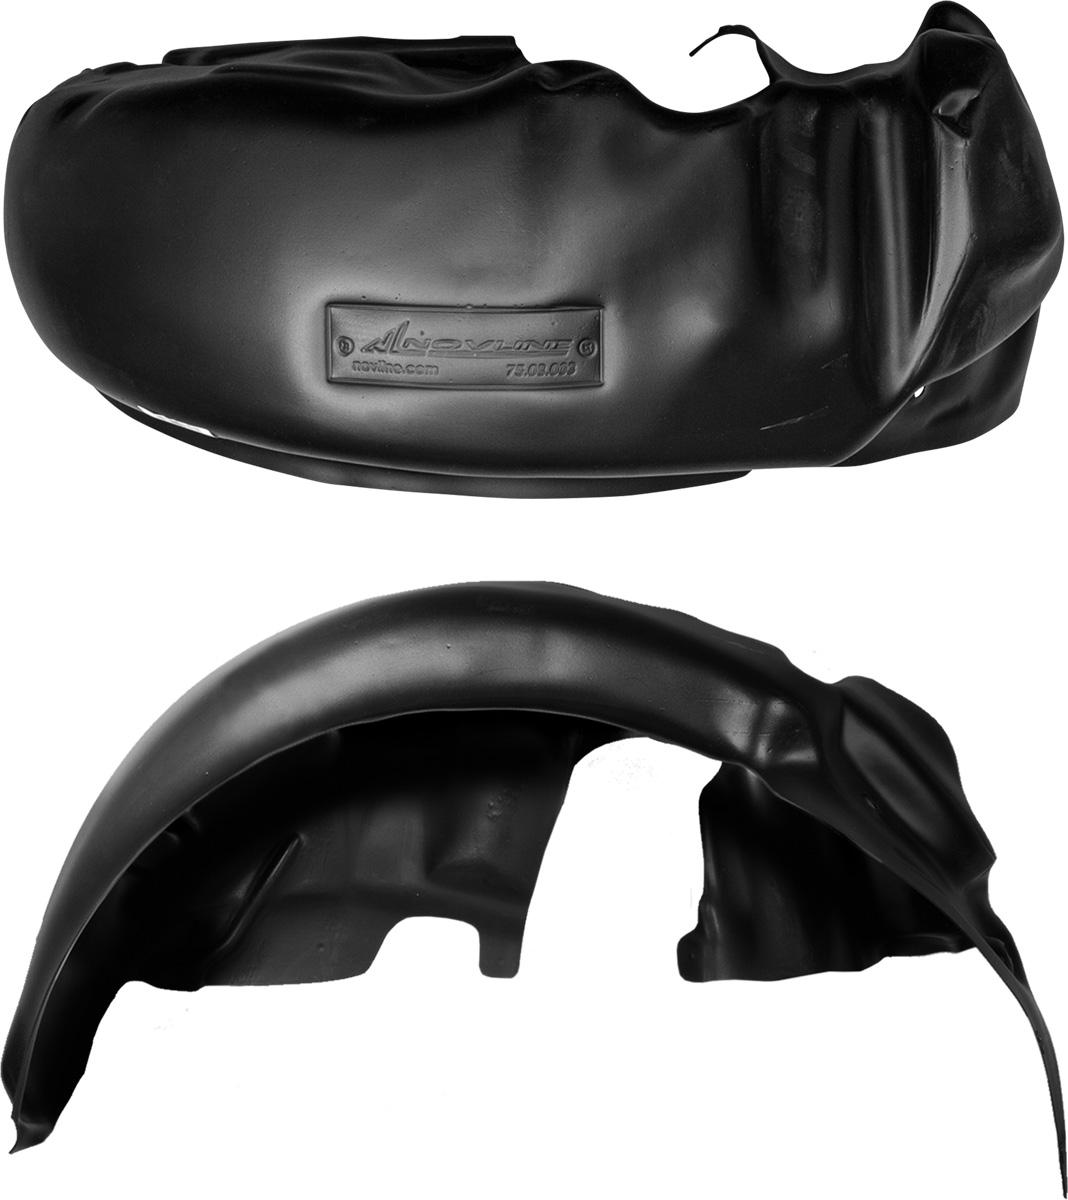 Подкрылок Novline-Autofamily, для Daewoo Nexia 1995-2007, 2007 -> (задний правый)2104Подкрылок выполнен из высококачественного, экологически чистого пластика. Обеспечивает надежную защиту кузова автомобиля от пескоструйного эффекта и негативного влияния, агрессивных антигололедных реагентов. Пластик обладает более низкой теплопроводностью, чем металл, поэтому в зимний период эксплуатации использование пластиковых подкрылков позволяет лучше защитить колесные ниши от налипания снега и образования наледи. Оригинальность конструкции подчеркивает элегантность автомобиля, бережно защищает нанесенное на днище кузова антикоррозийное покрытие и позволяет осуществить крепление подкрылка внутри колесной арки практически без дополнительного крепежа и сверления, не нарушая при этом лакокрасочного покрытия, что предотвращает возникновение новых очагов коррозии. Технология крепления подкрылка на иномарки принципиально отличается от крепления на российские автомобили и разрабатывается индивидуально для каждой модели автомобиля. Подкрылок долговечен, обладает высокой прочностью и сохраняет заданную форму, а также все свои физико-механические характеристики в самых тяжелых климатических условиях ( от -50° С до + 50° С).